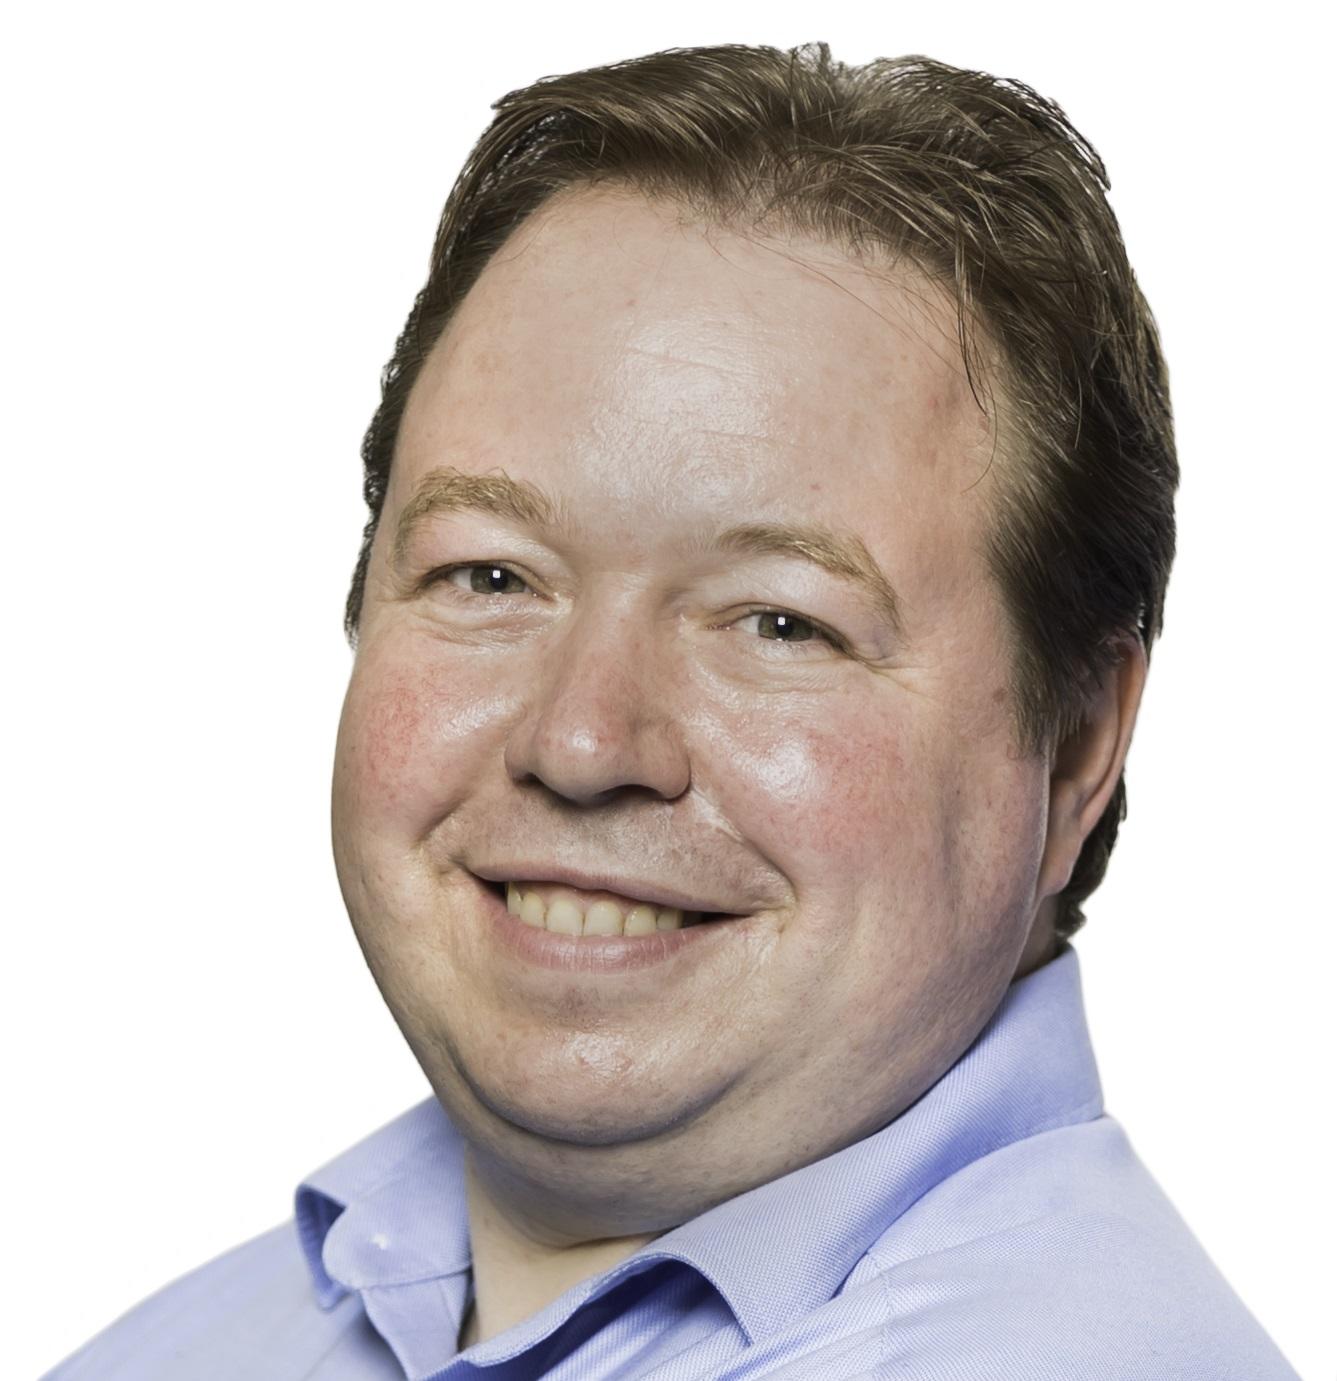 Bart Van de Sompel